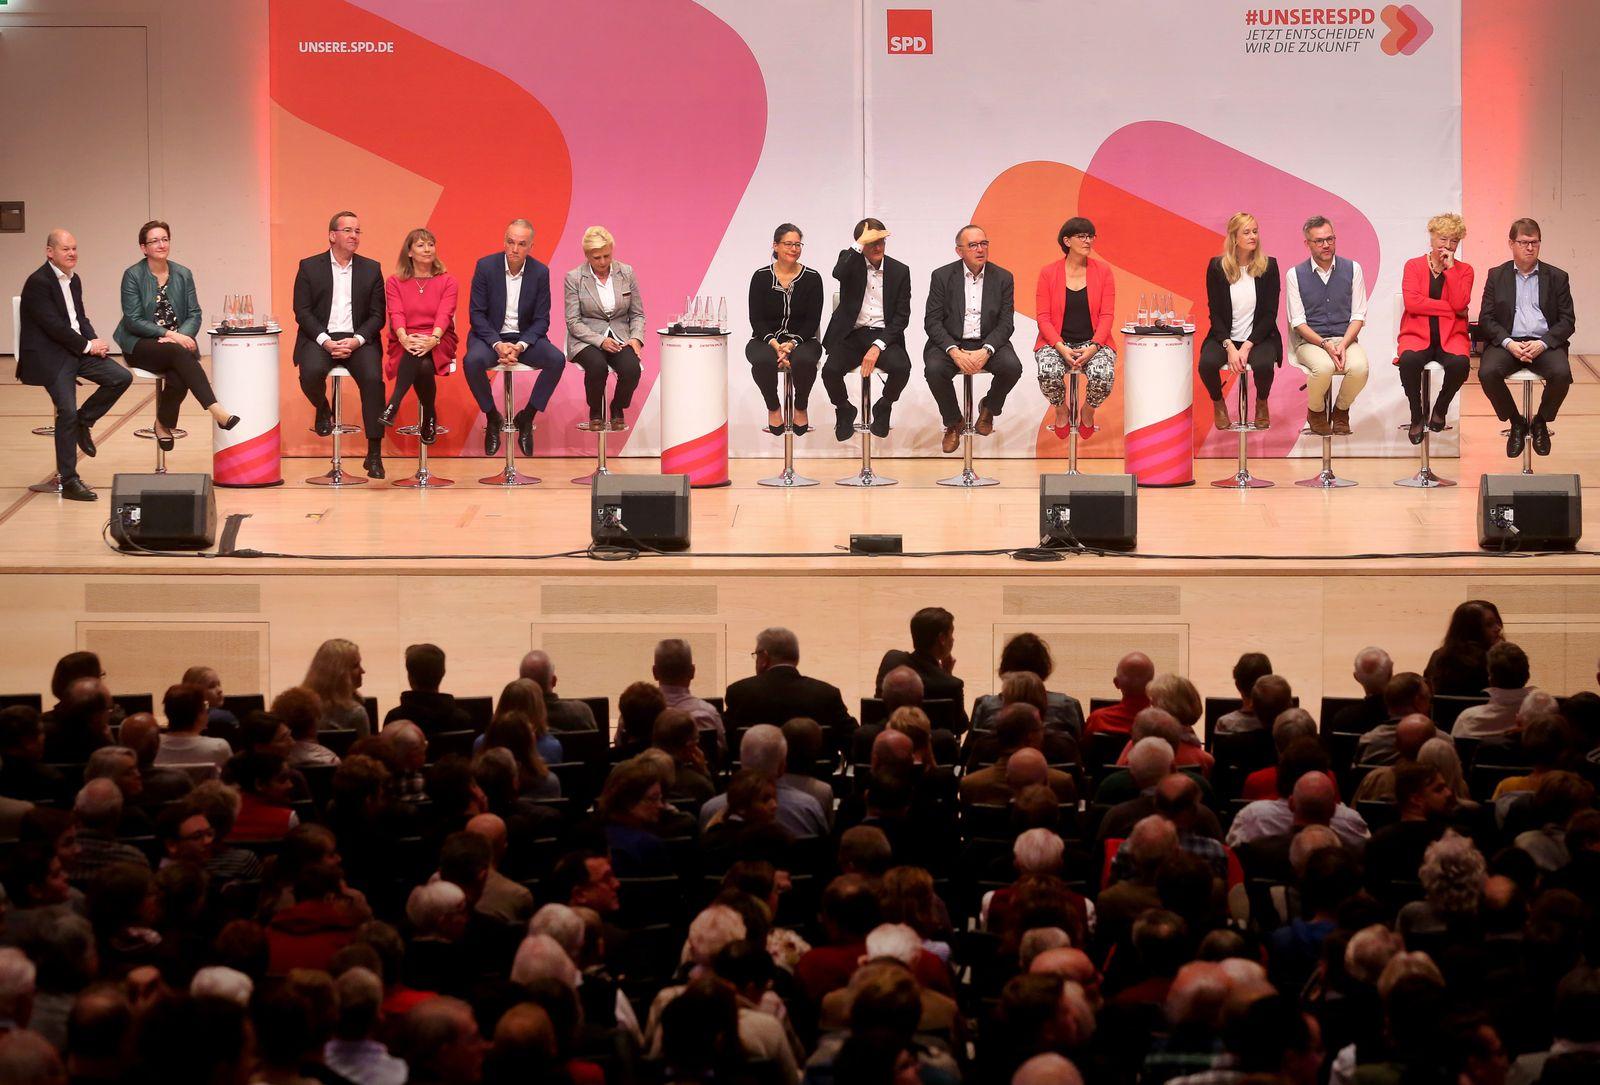 Kandidaten für den Parteivorsitz der SPD